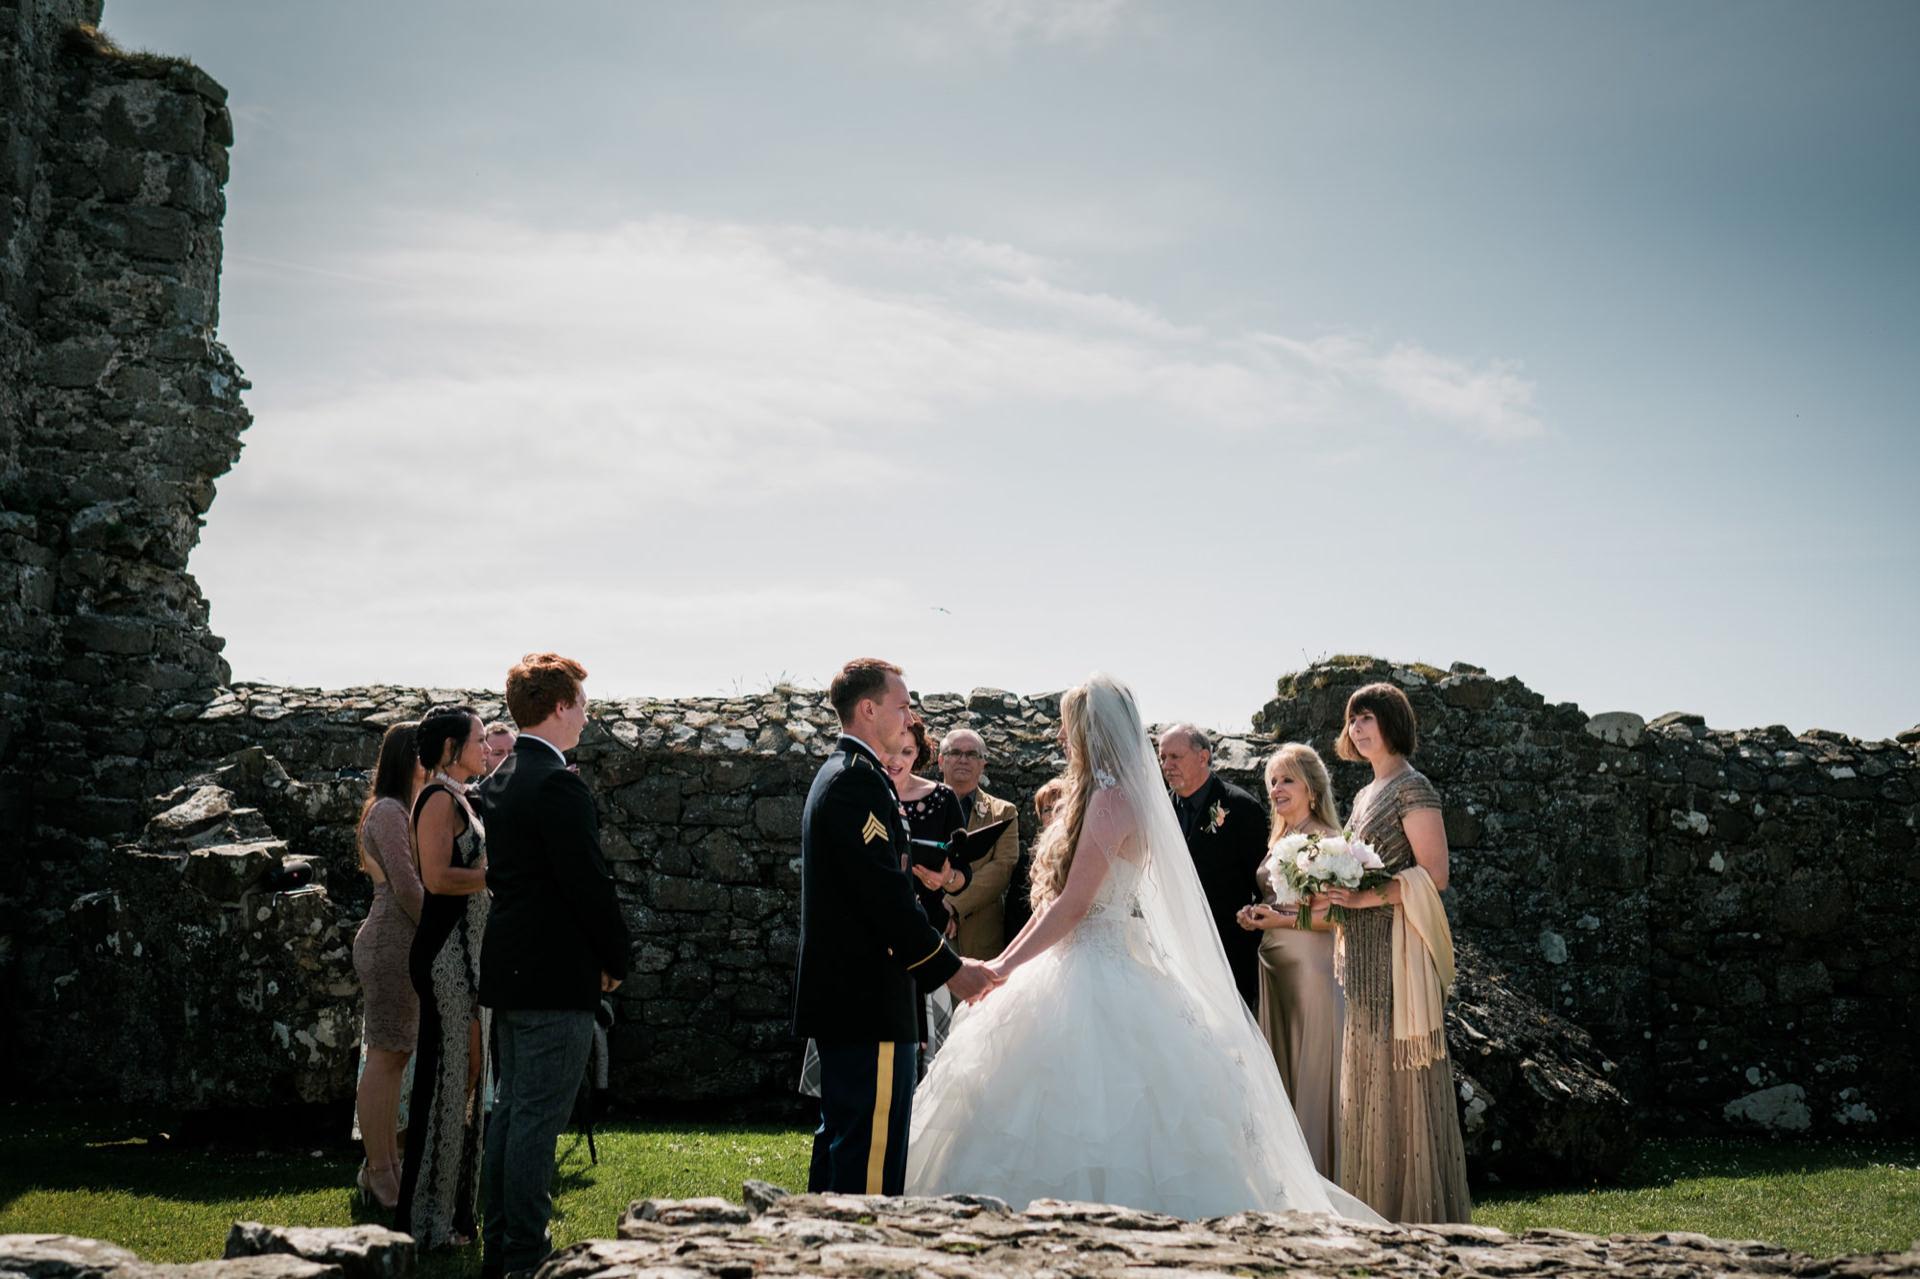 Elopement Ceremony Foto van Dunluce Castle in Noord-Ierland | De bruid, bruidegom en hun naaste familie werden gevangen genomen